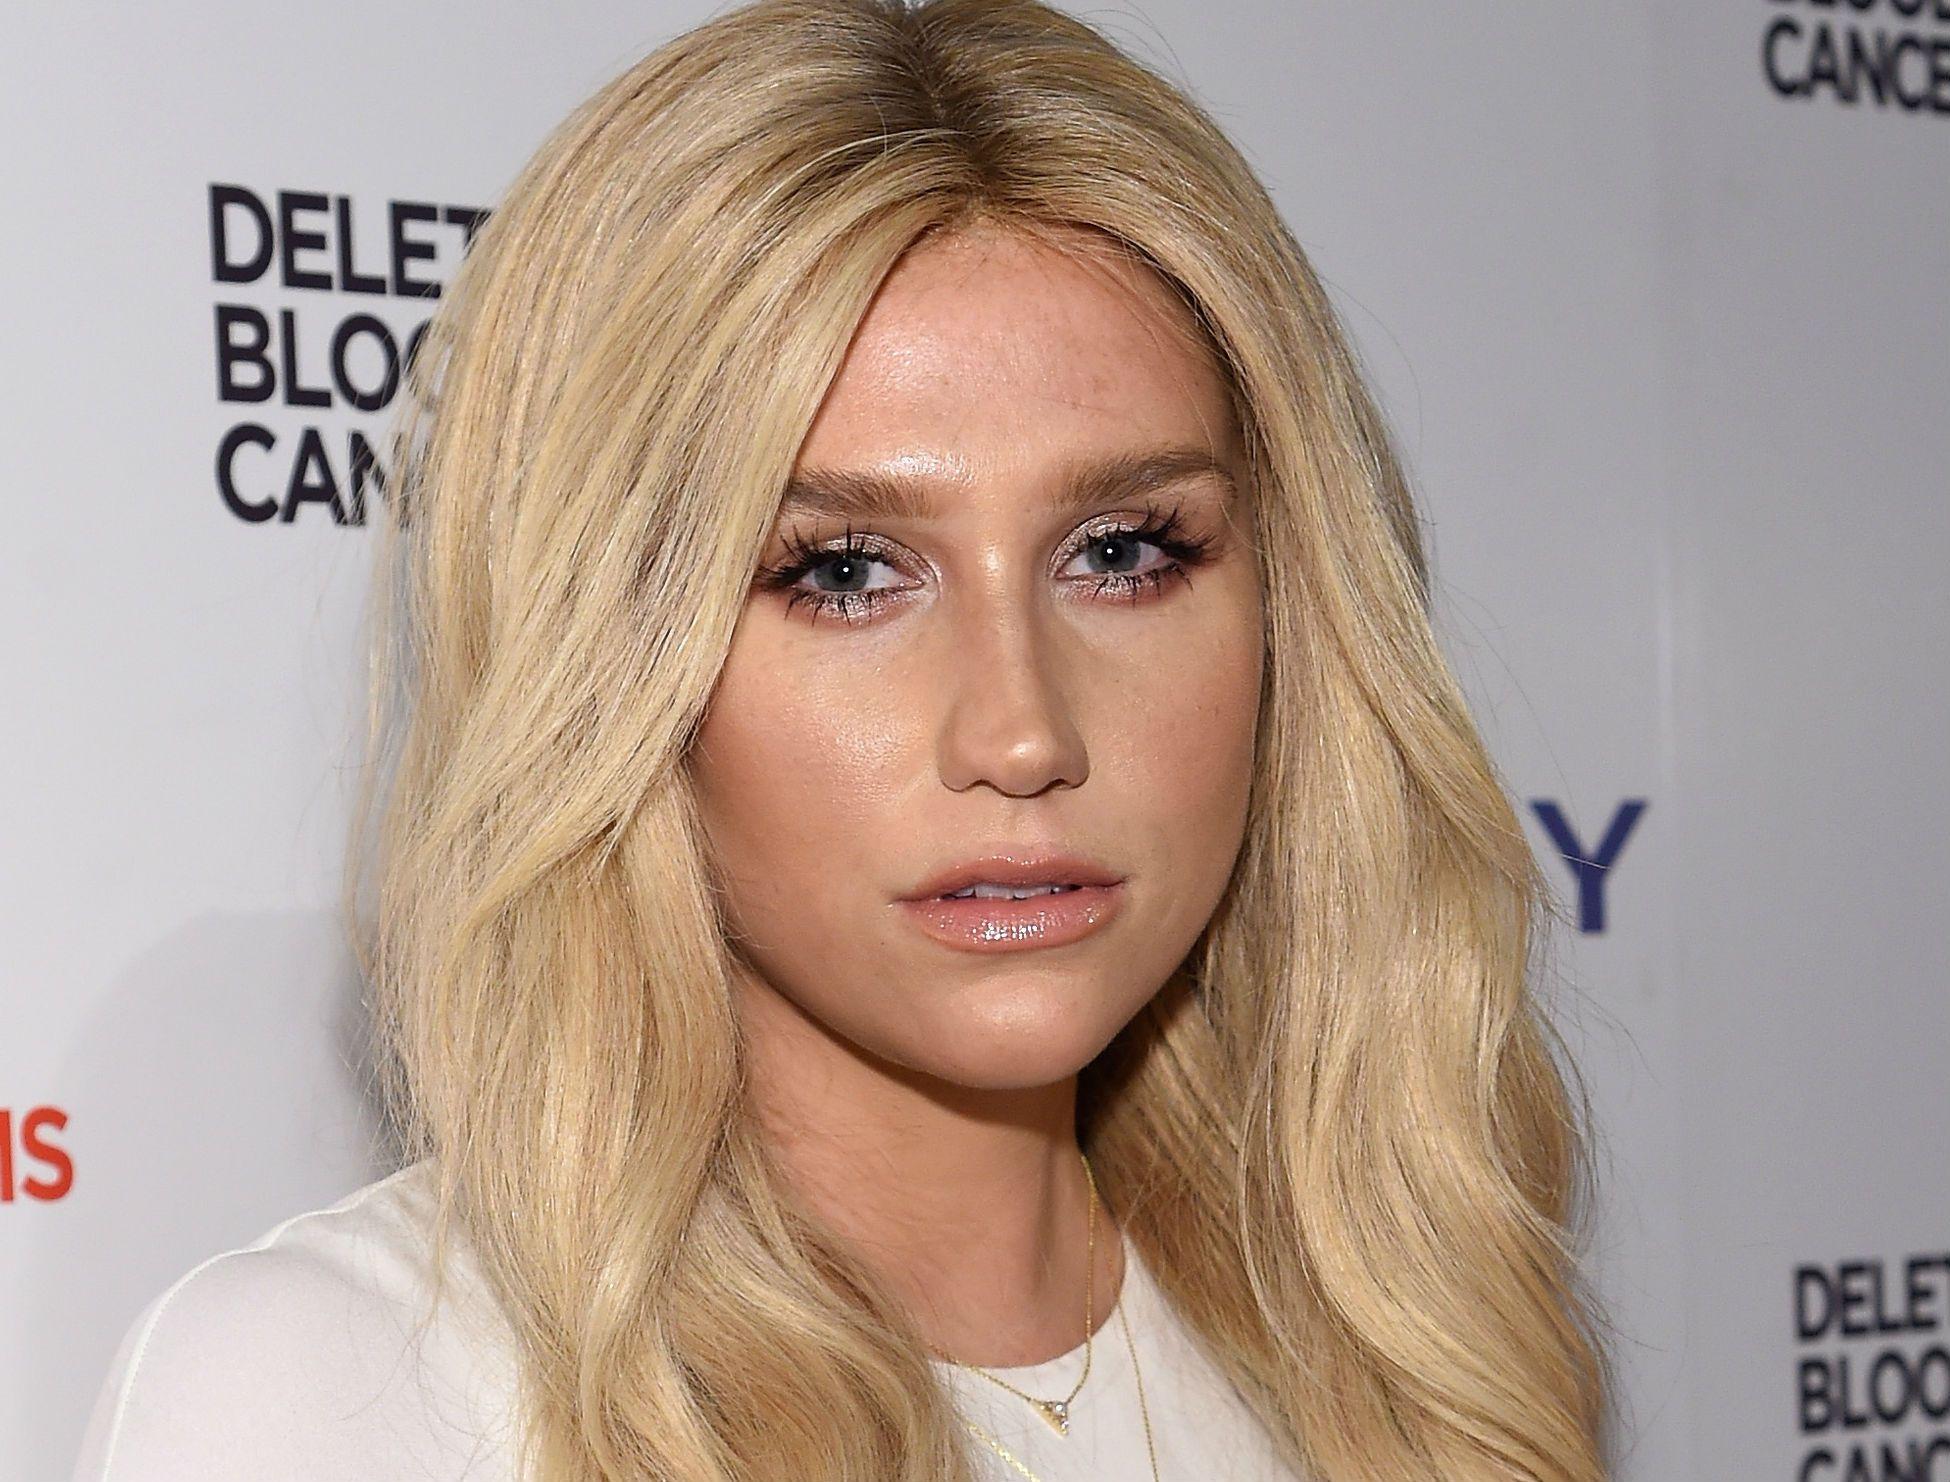 Anorexic Celebrities - Kesha